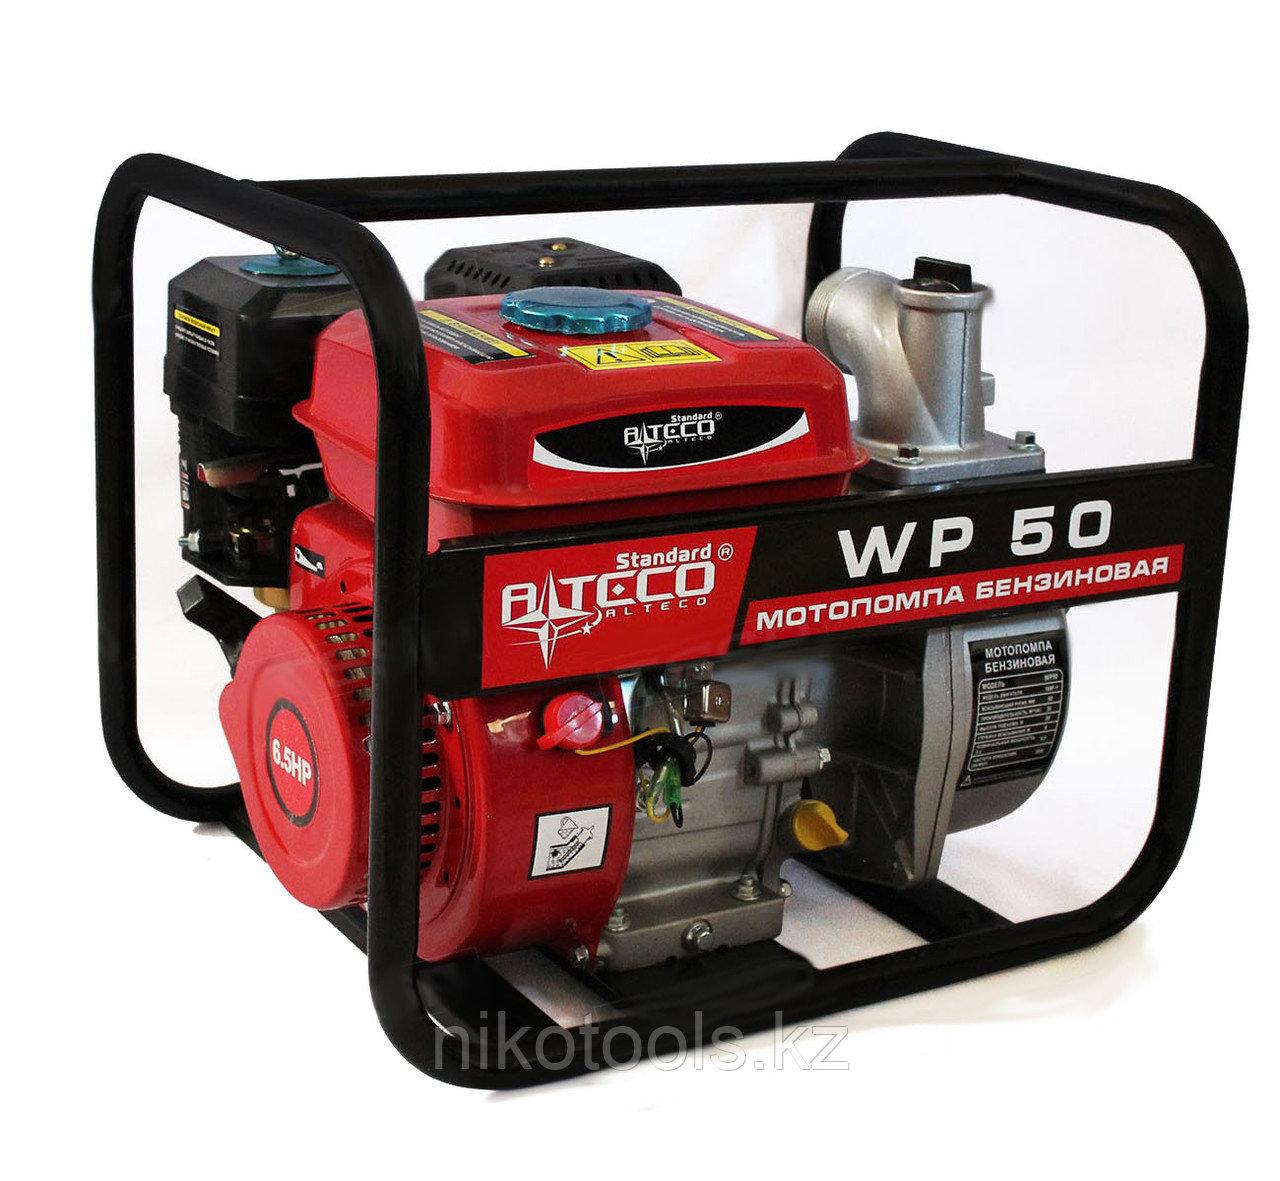 Мотопомпа бензиновая ALTECO WP50